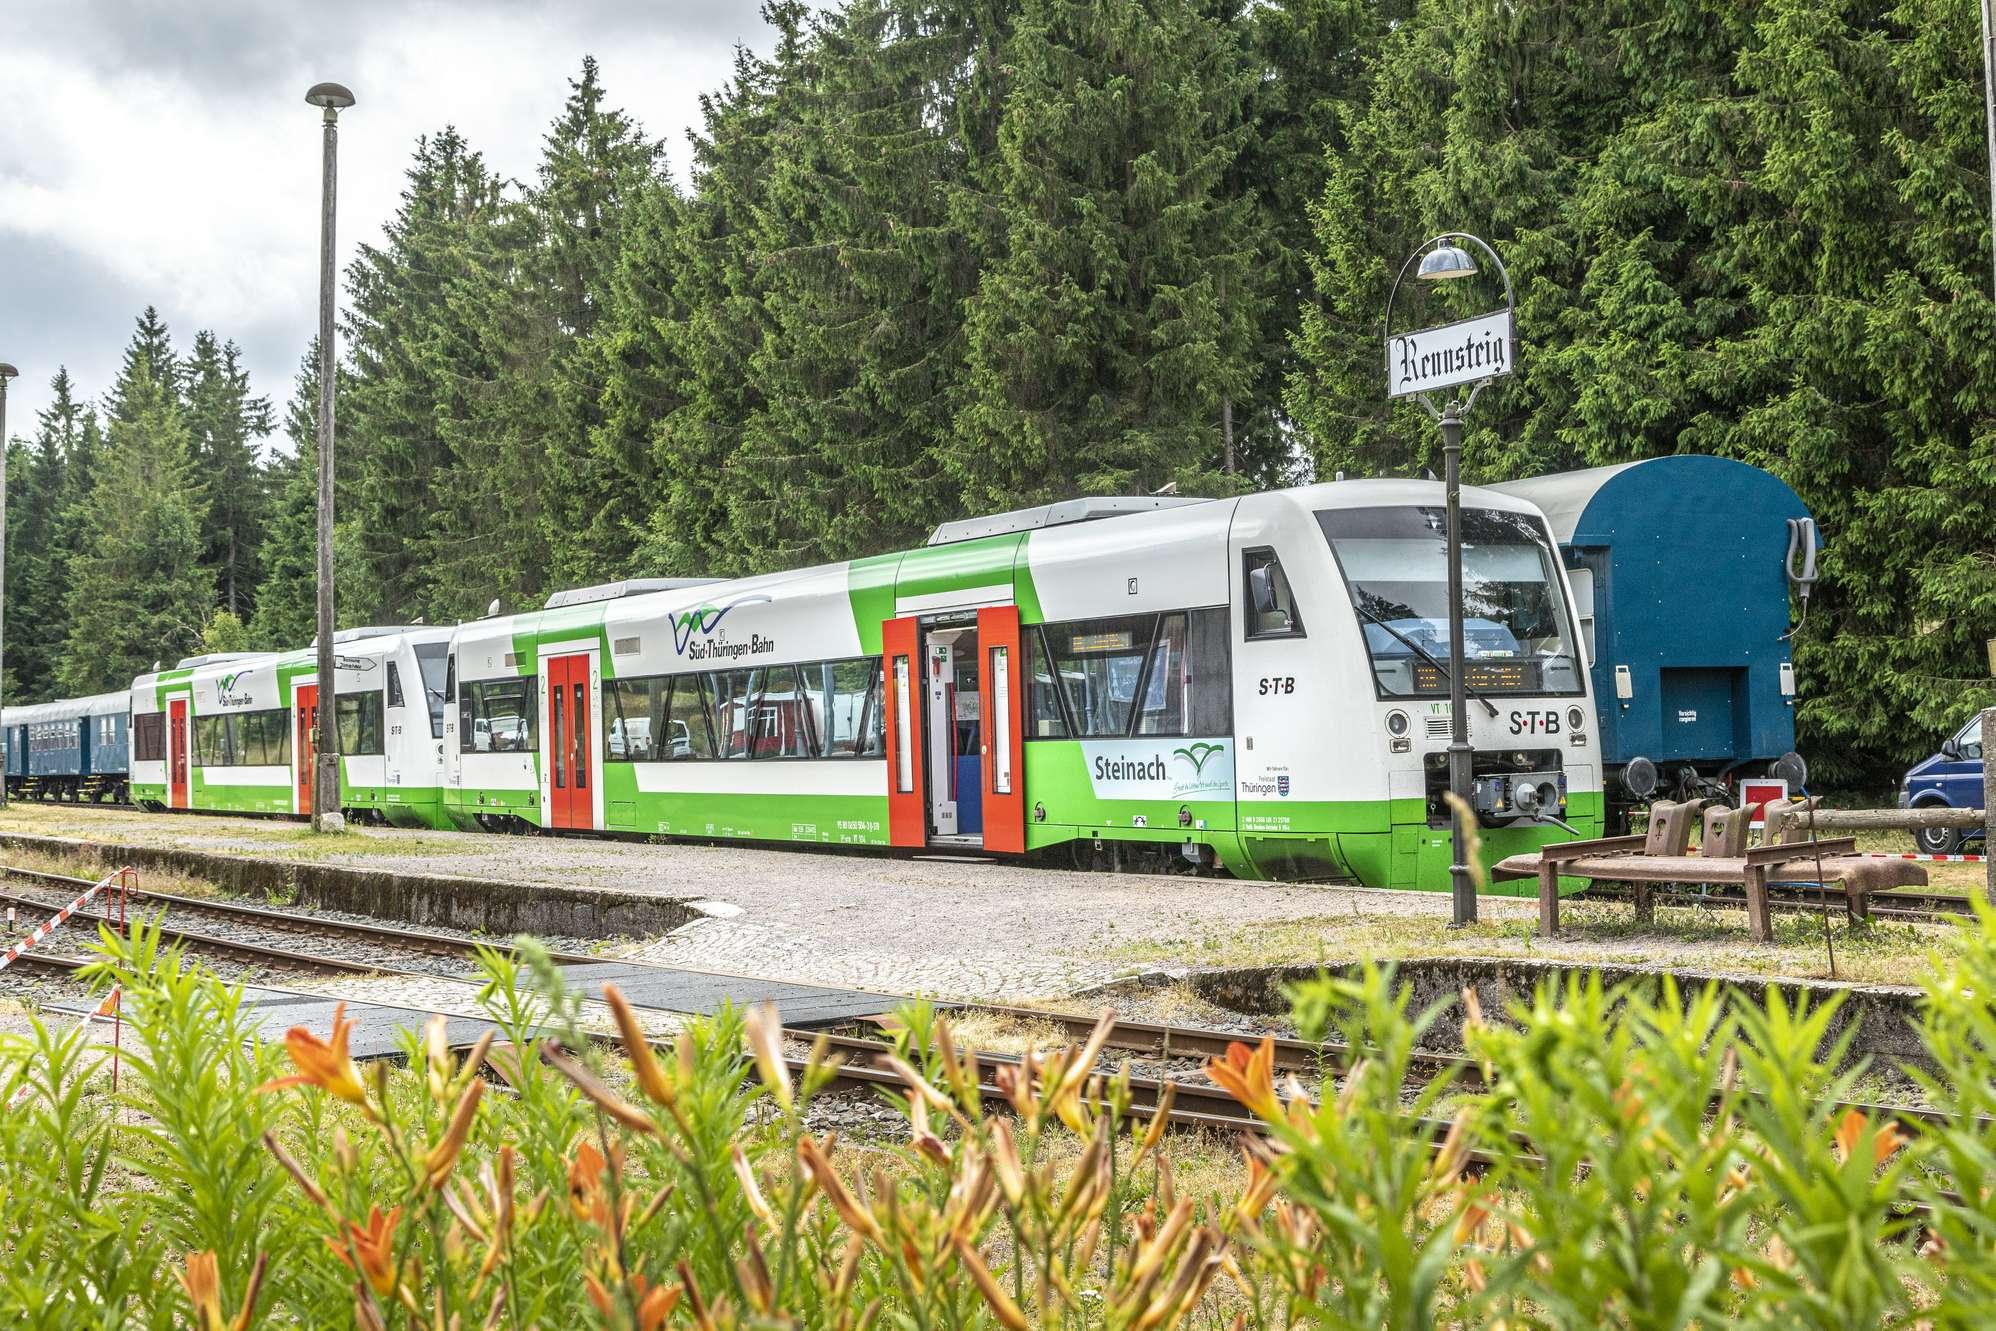 Es ist ein weißgrüner Zug im Bahnhof zusehen. Drumherum ist Fichtenwald.